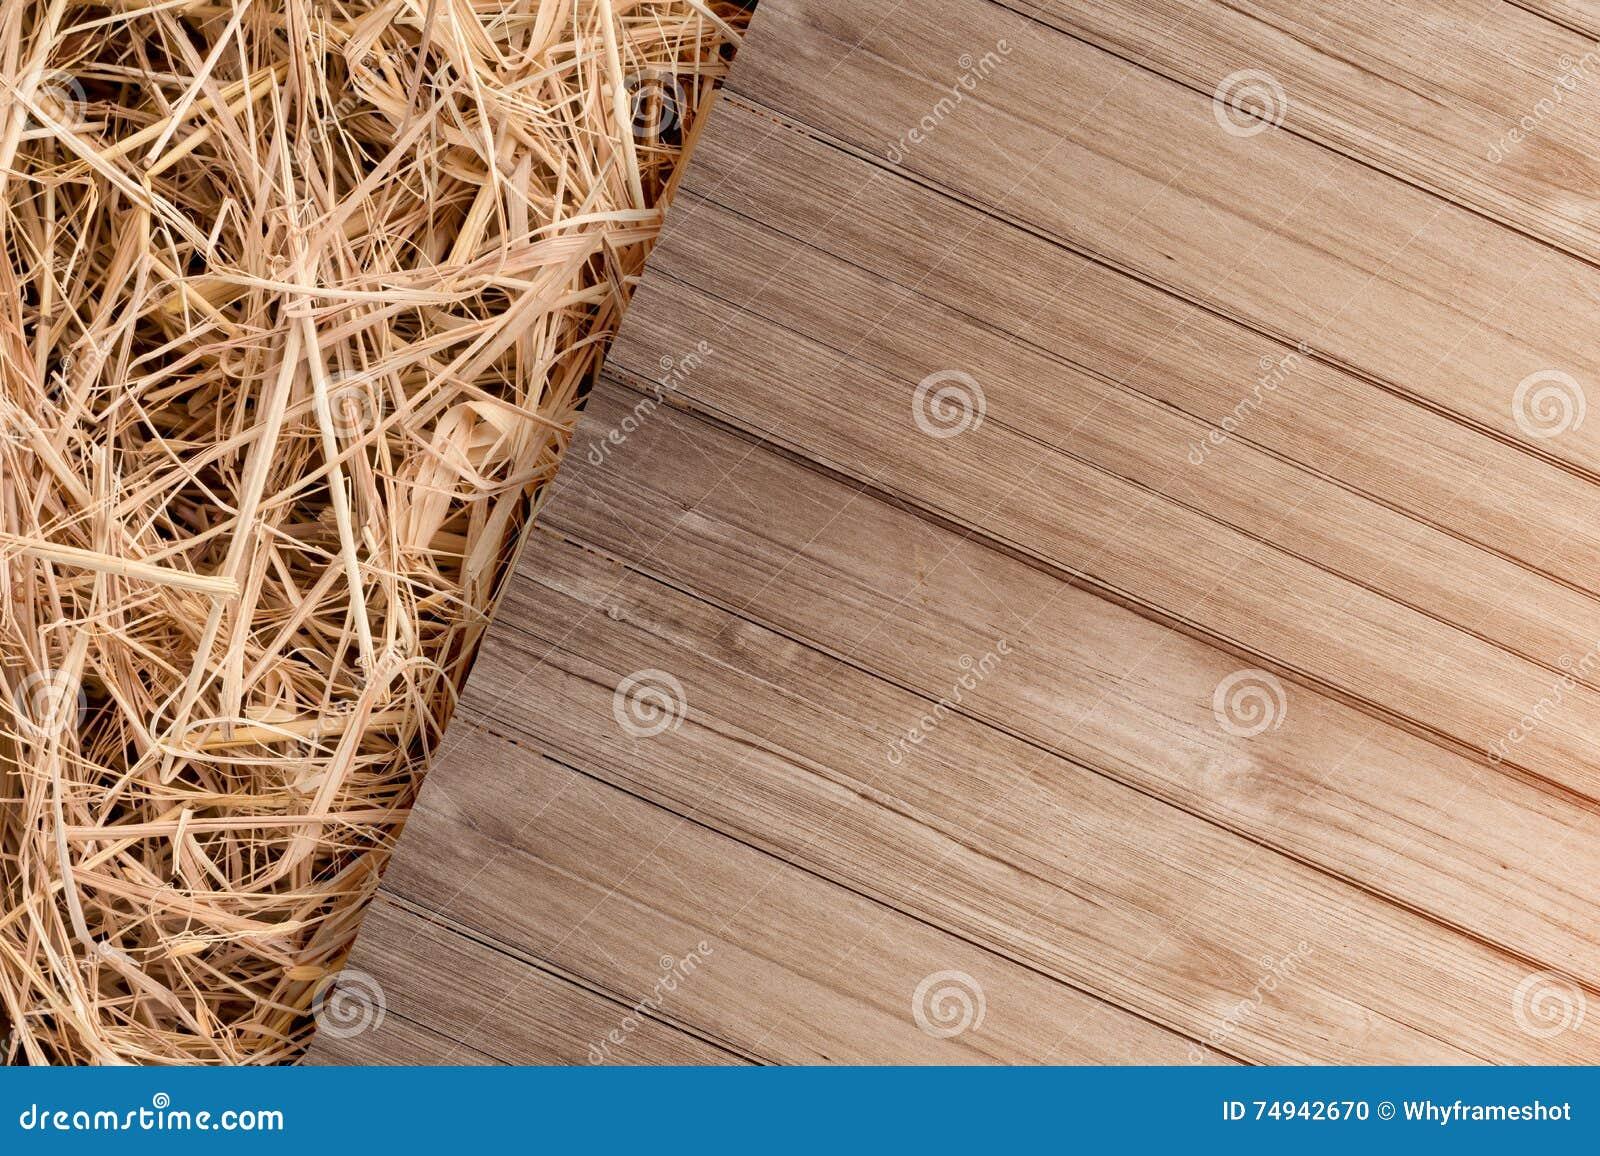 Houten Vloer Oud : Houten vloer close up u stockfoto peshkova